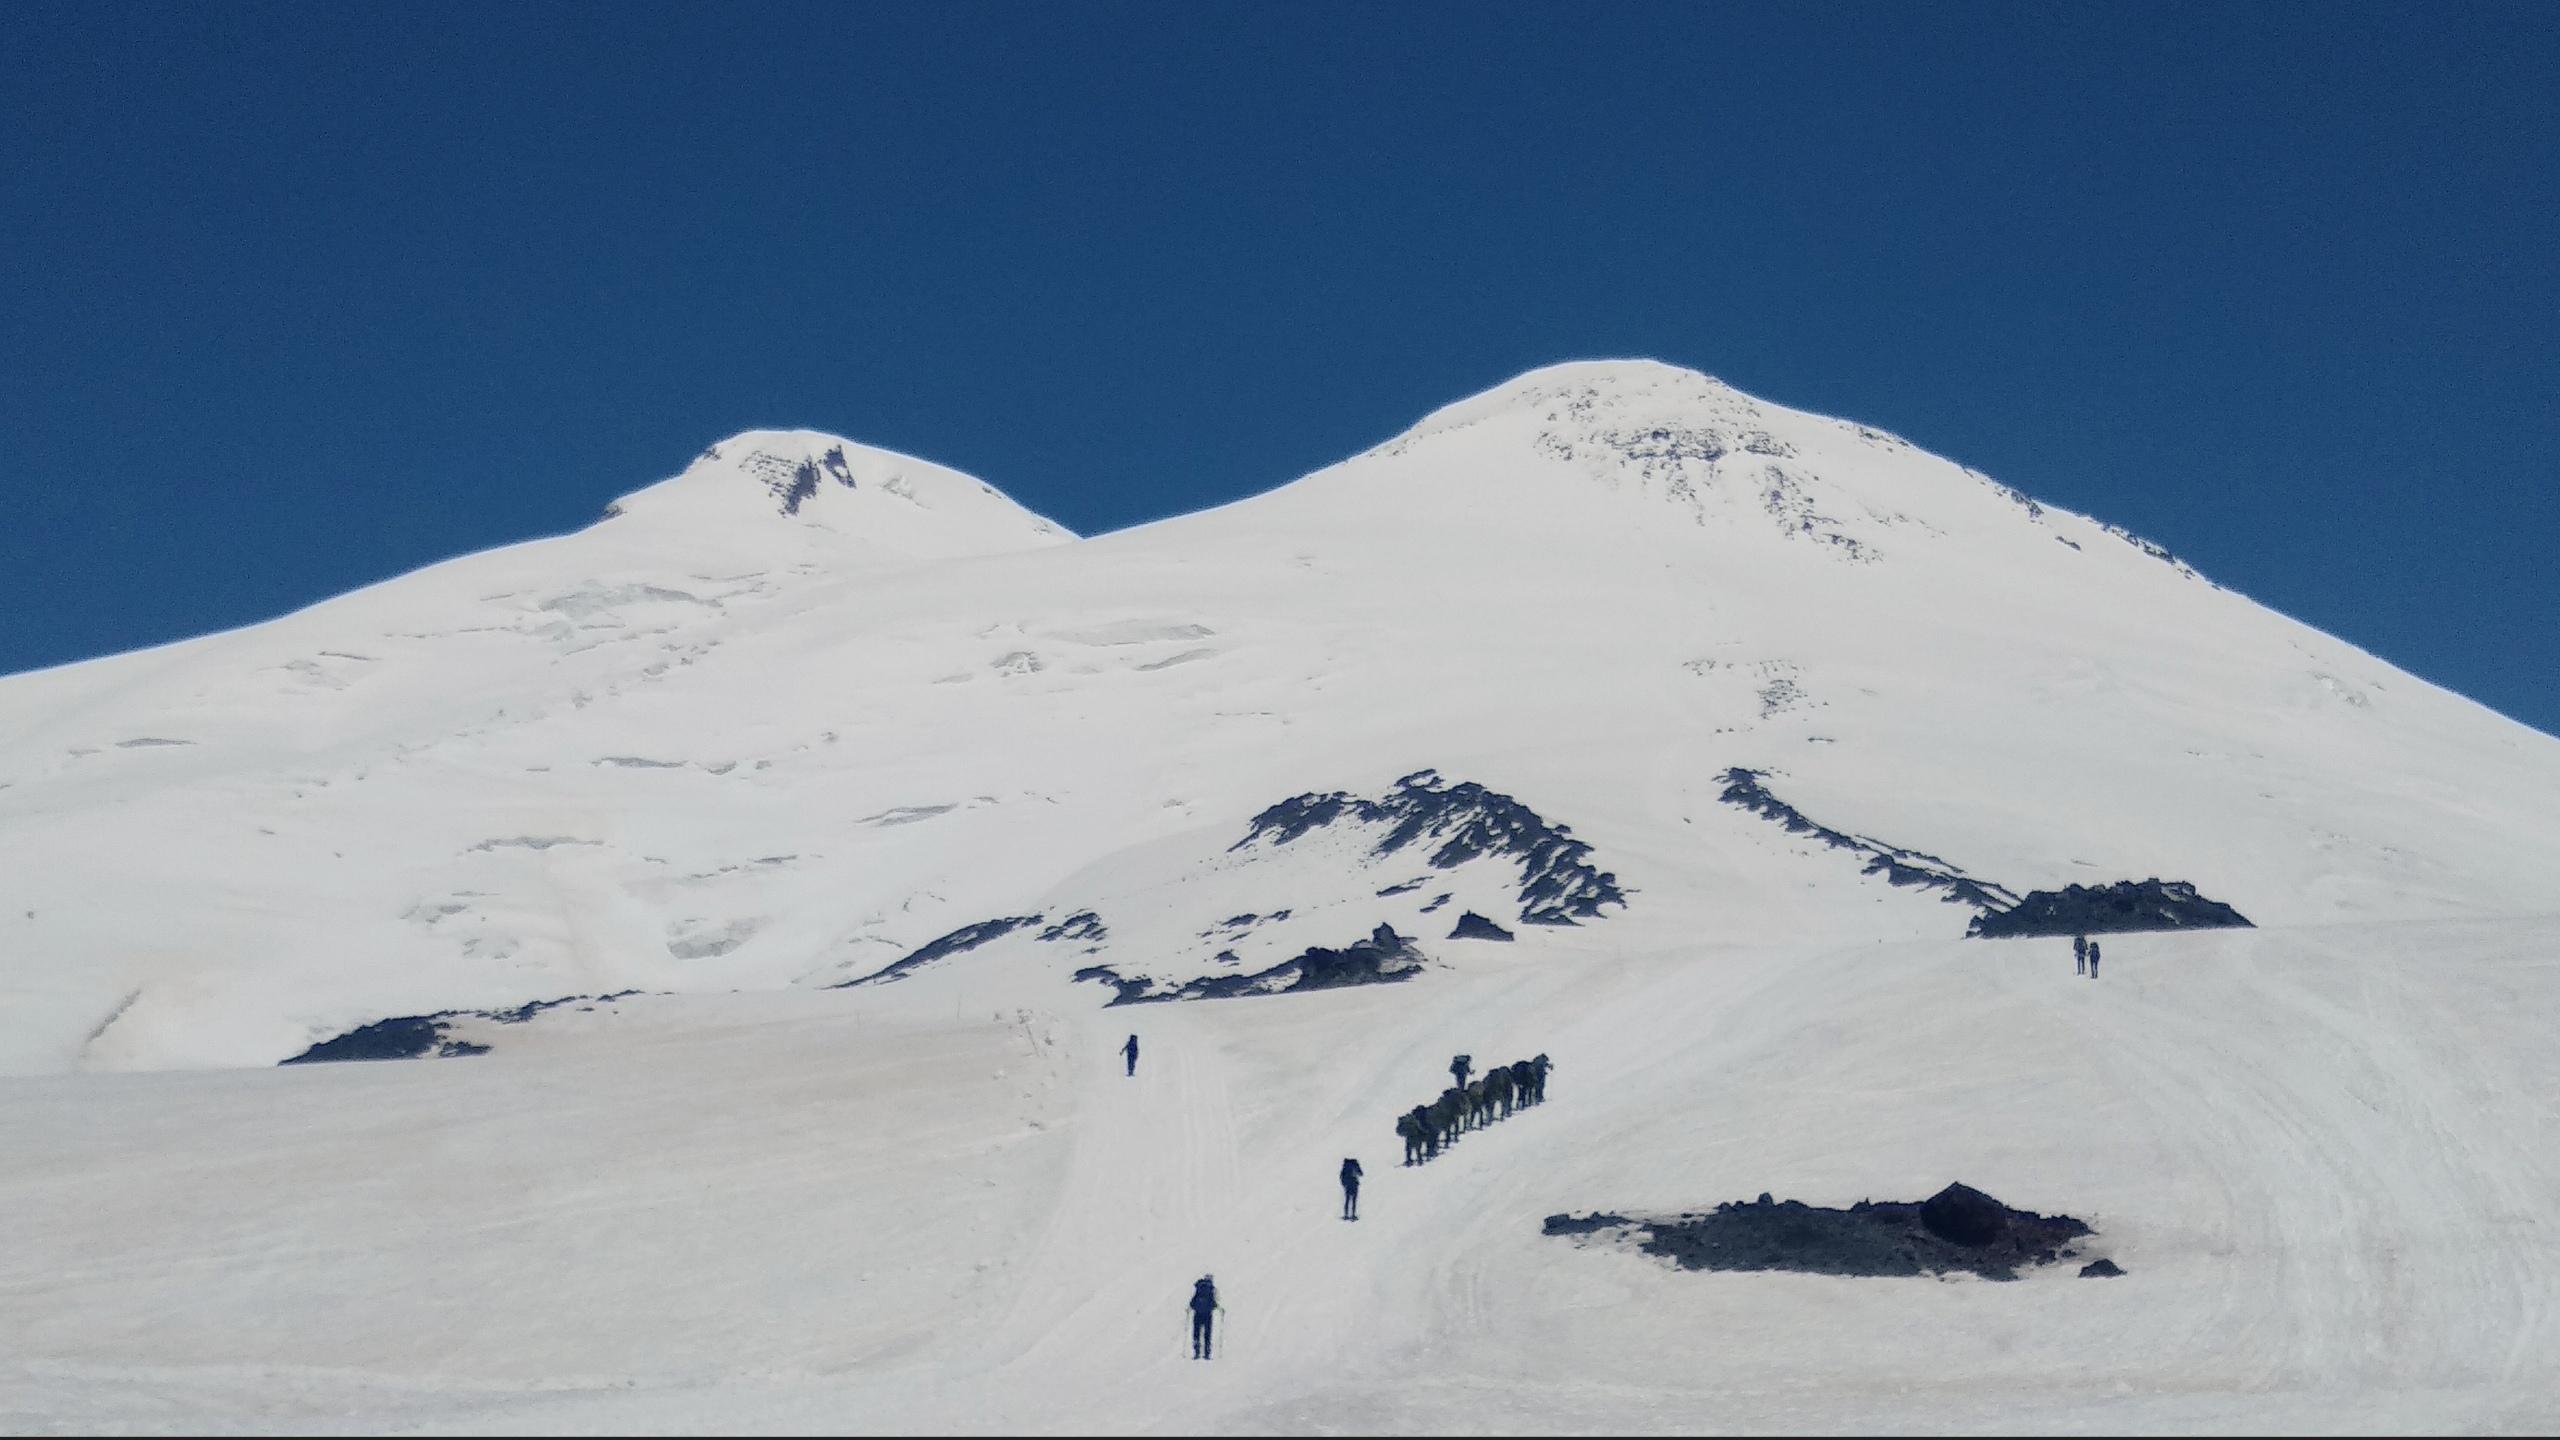 Снаряжение для восхождения, Эльбрус, горы, поход, туризм, подготовка в косхождению